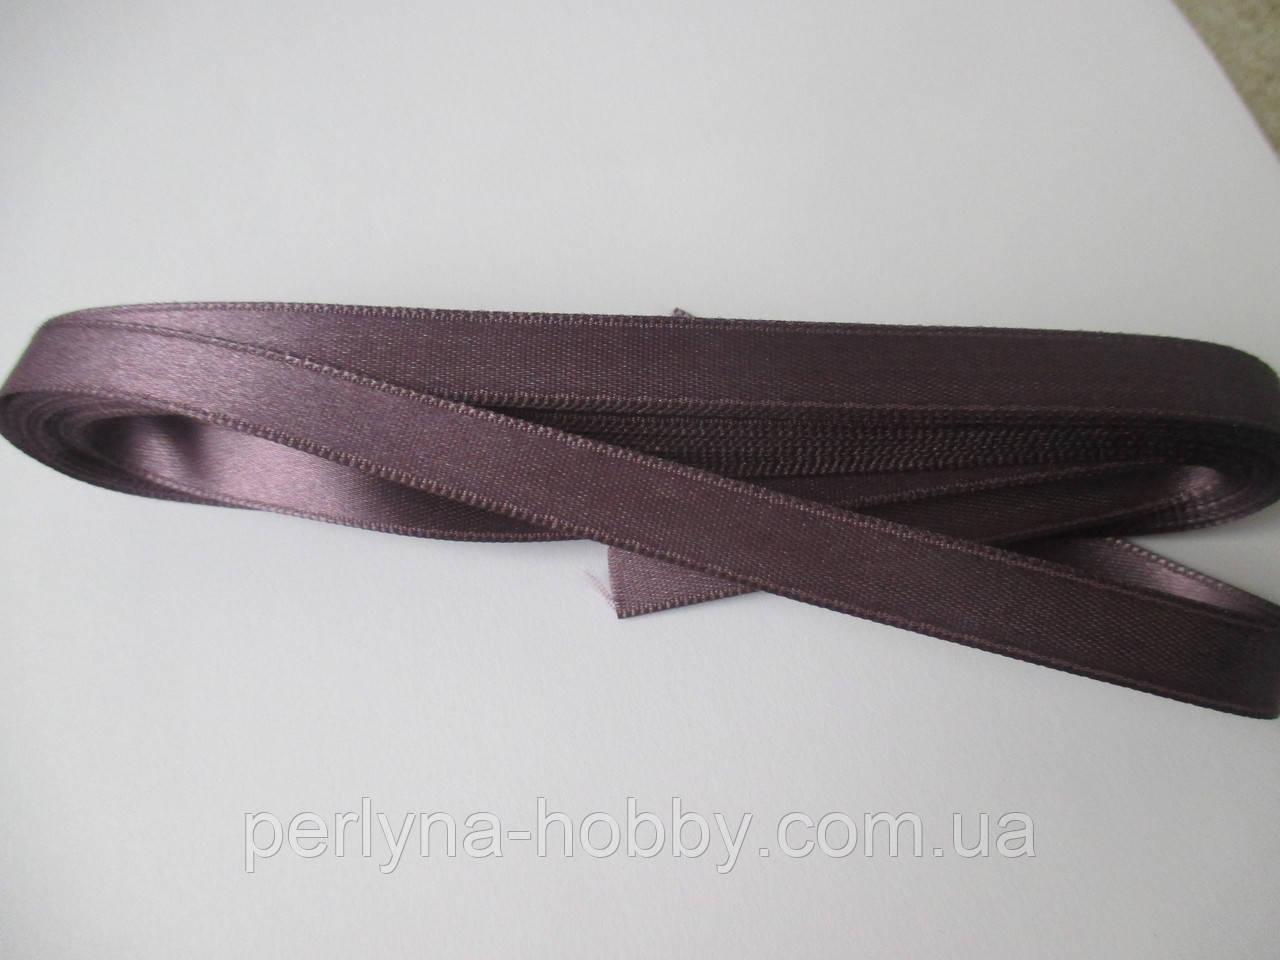 Стрічка атласна  двостороння 1 см. (10 метрів) сливовий пастельний Н 38